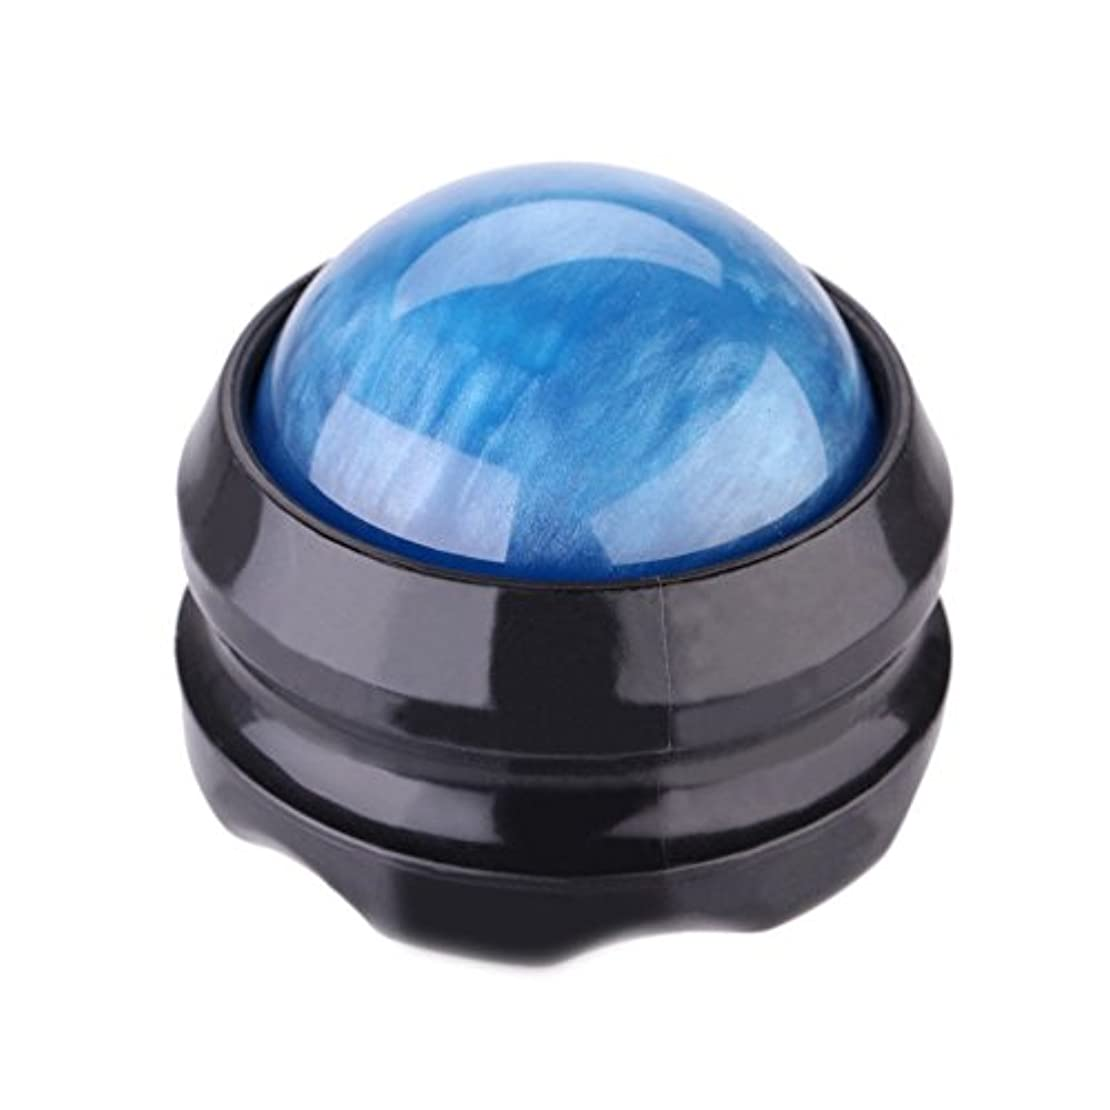 ドライブアクセサリー出口gundoop マッサージ ボール 360度回転 背中 首 腰 筋膜リリース 健康器具 (青)